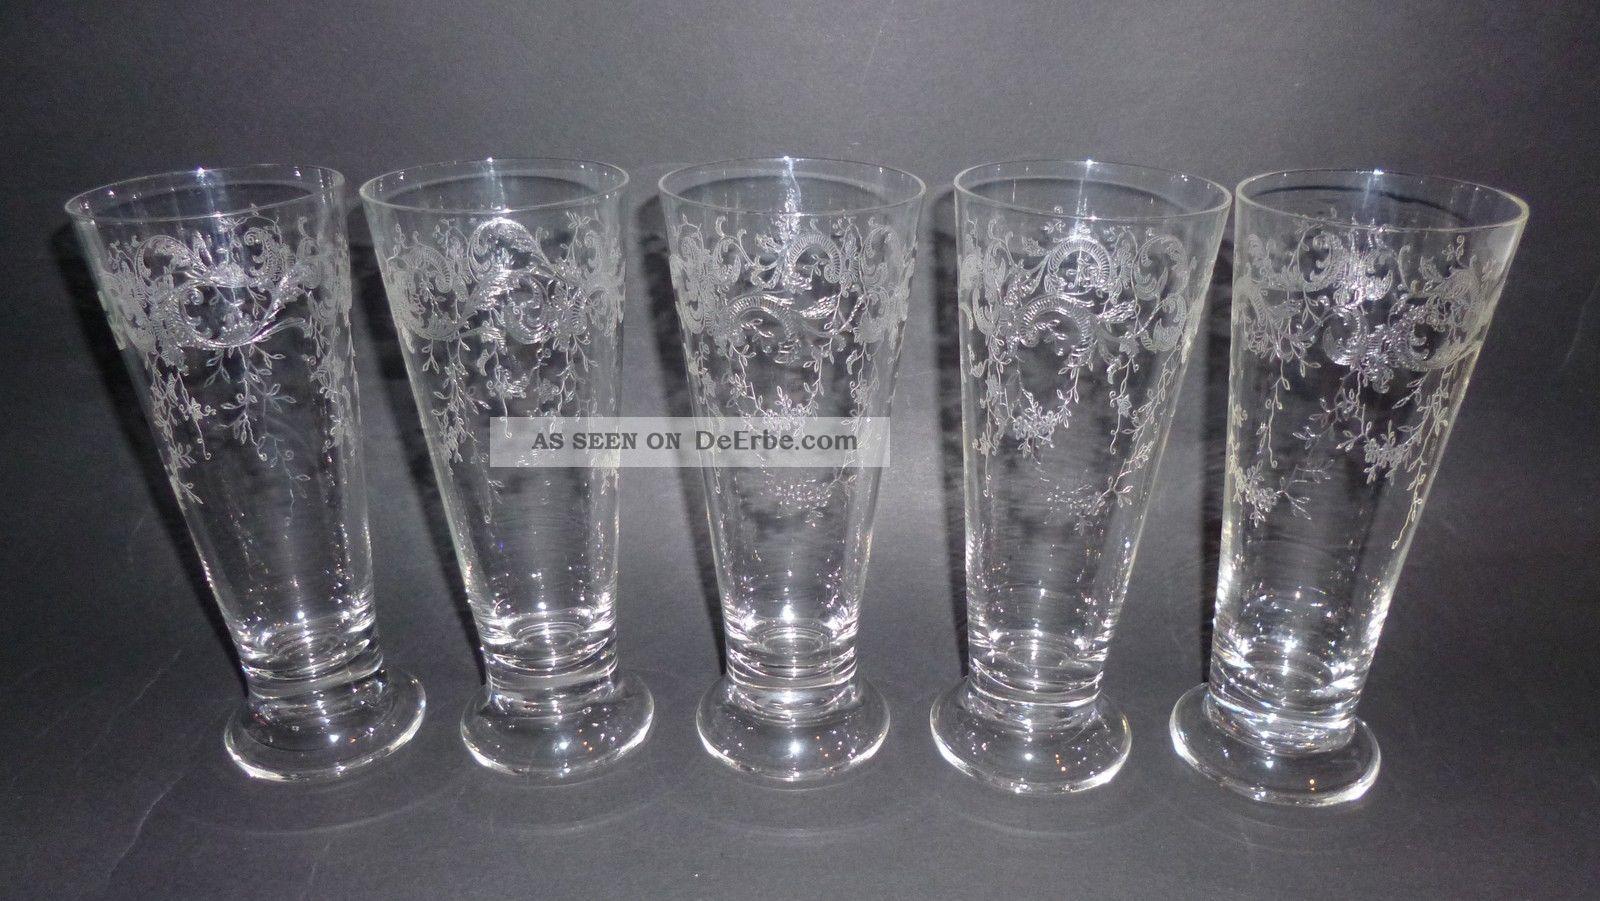 5 Jugendstil Kristall Glas Trink Gläser Herrliche Ätzung Floral Girlande Um 1900 Sammlerglas Bild